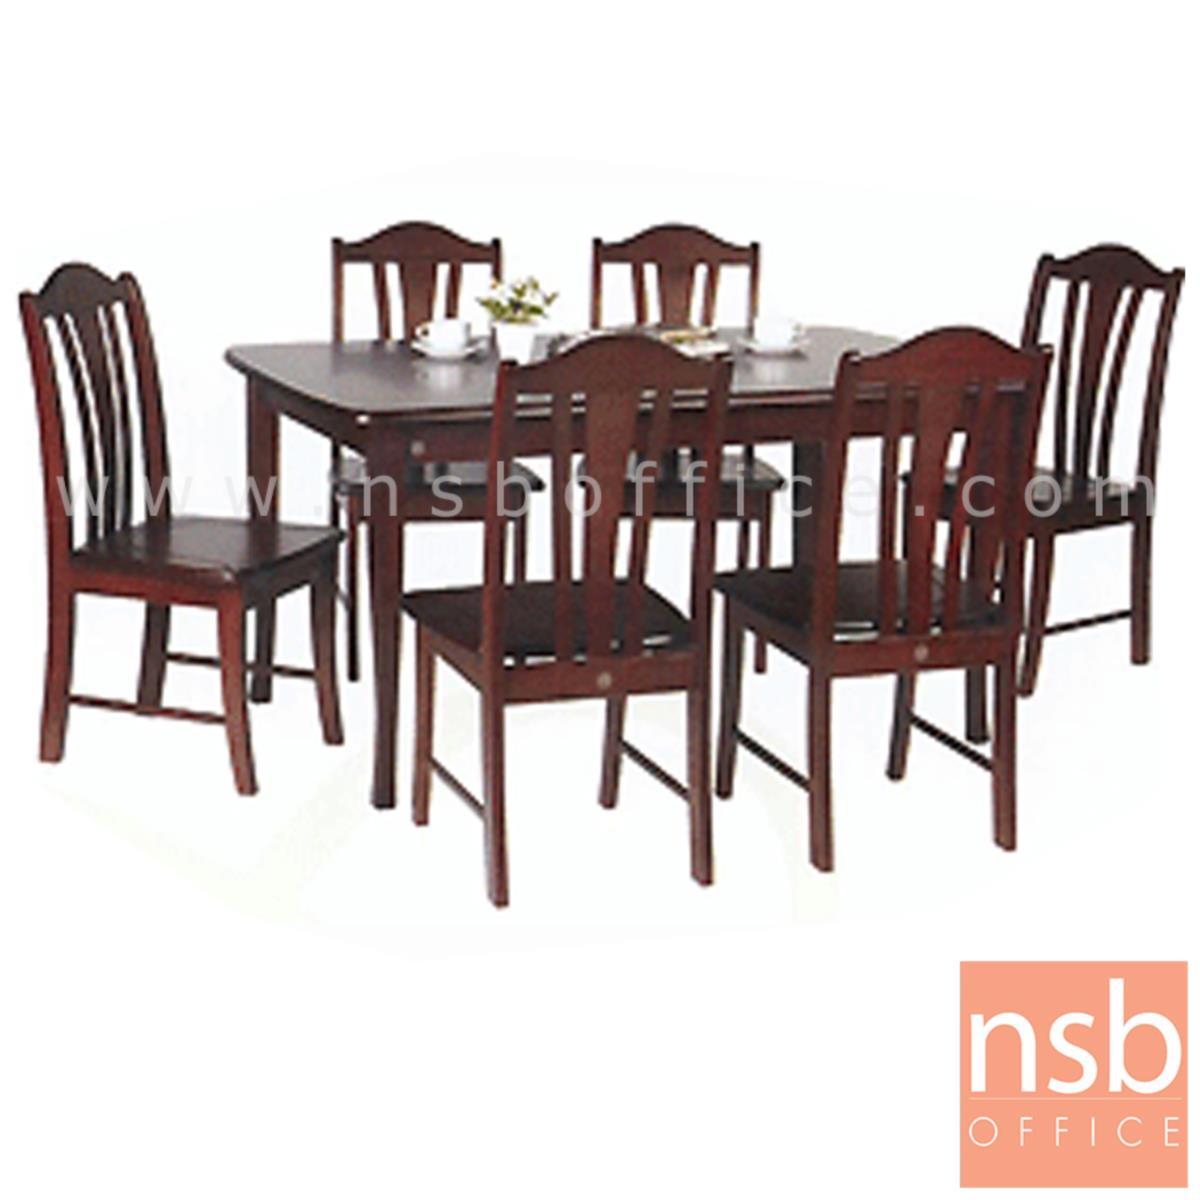 G14A031:ชุดโต๊ะรับประทานอาหารหน้าไม้ยางพารา 6 ที่นั่ง  รุ่น SUNNY-20 ขนาด 150W cm. พร้อมเก้าอี้